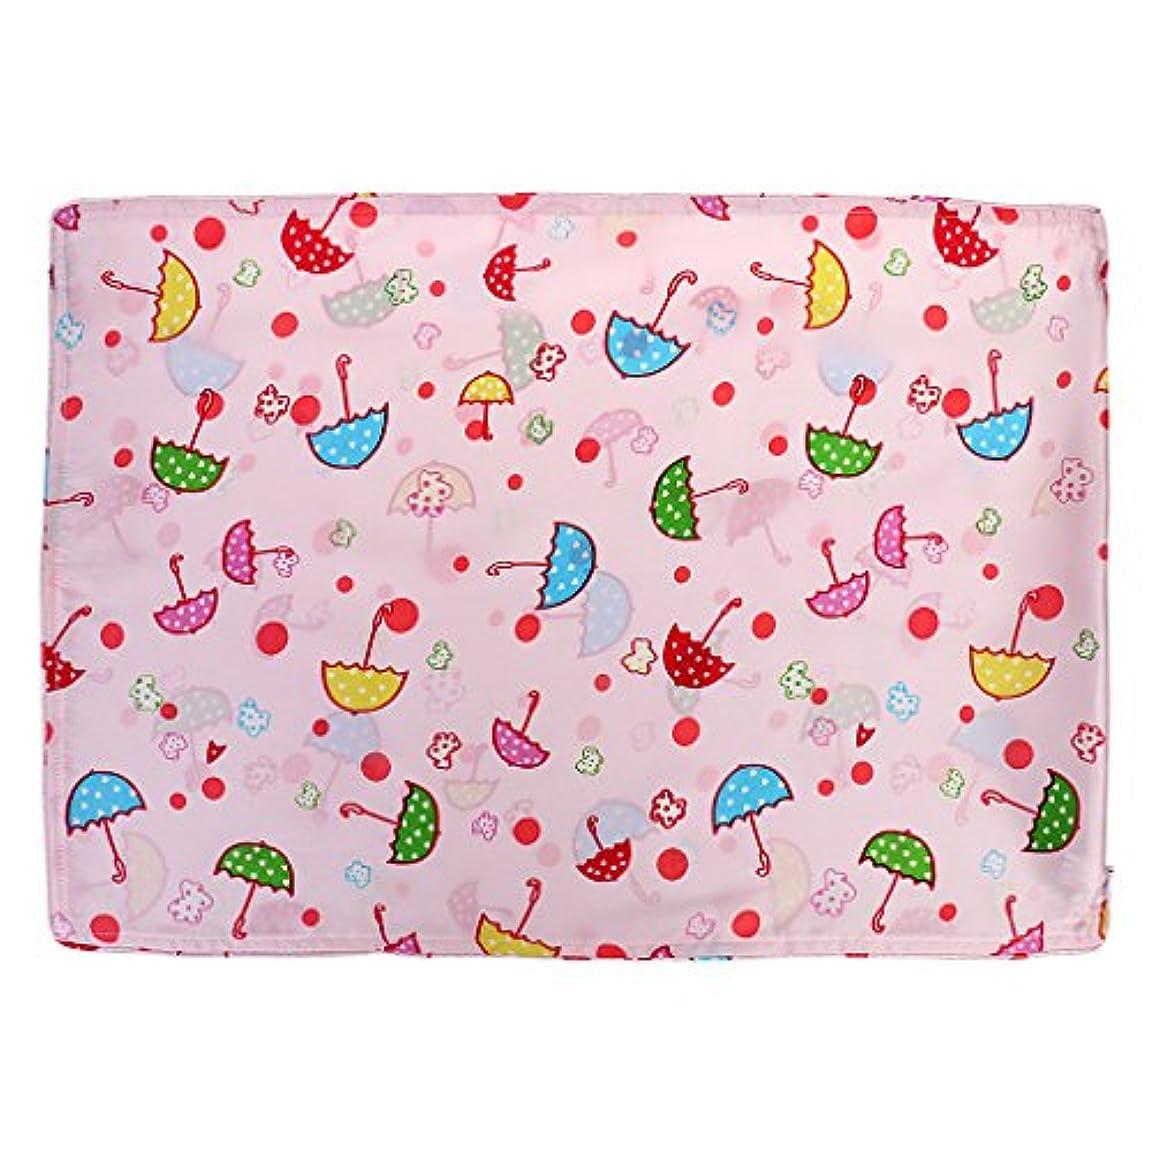 資金シールシンジケートかわいい赤ちゃんキッズ100%シルクサテン両面枕カバー30 * 45センチメートル傘ピンク